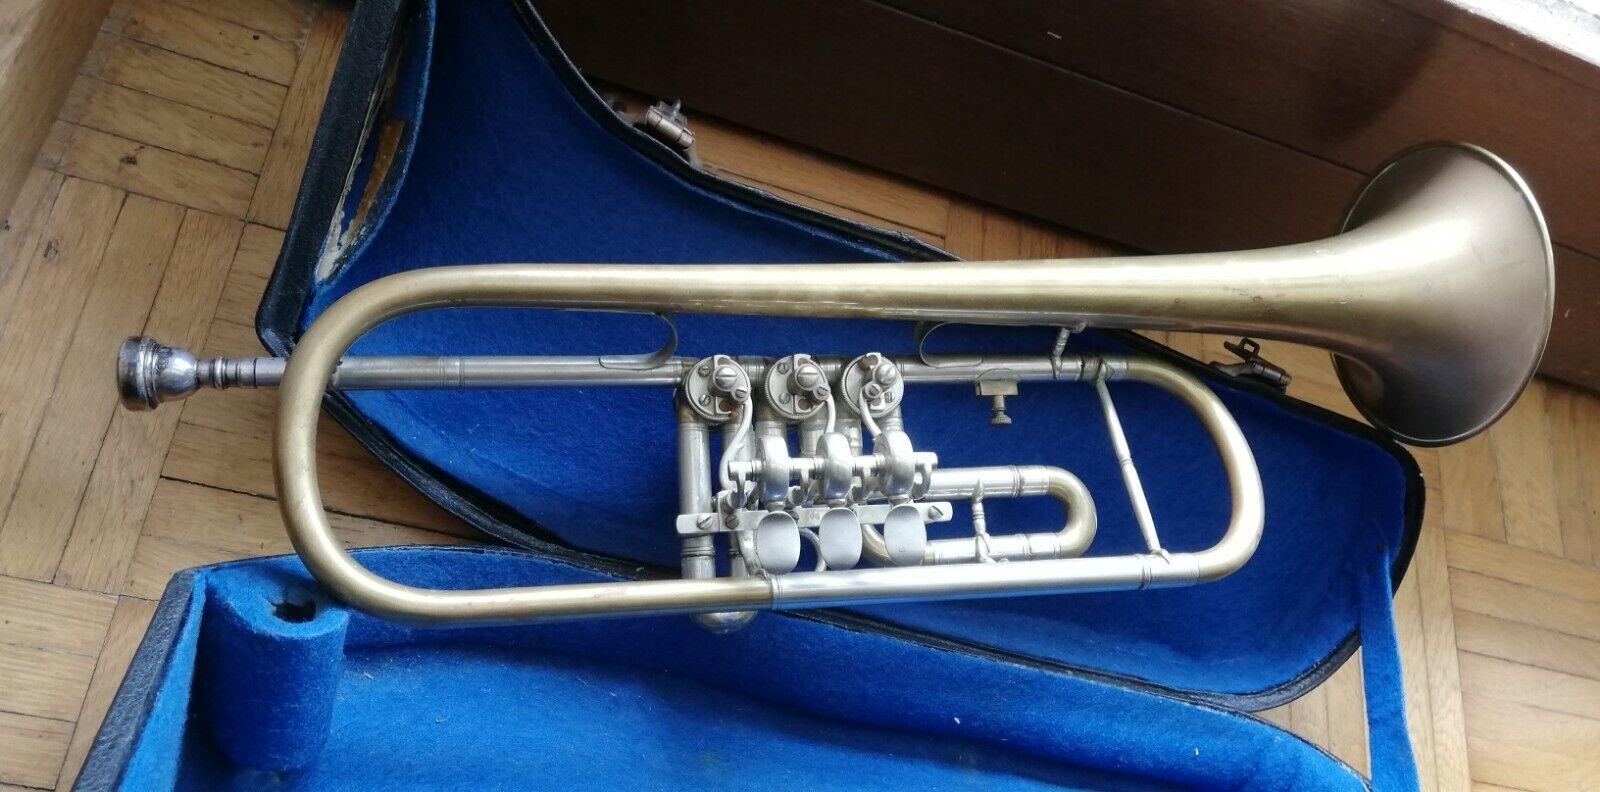 Biete altes Blasinstrument von Fa. Elaton 52 cm inklusive Tragetasche an.